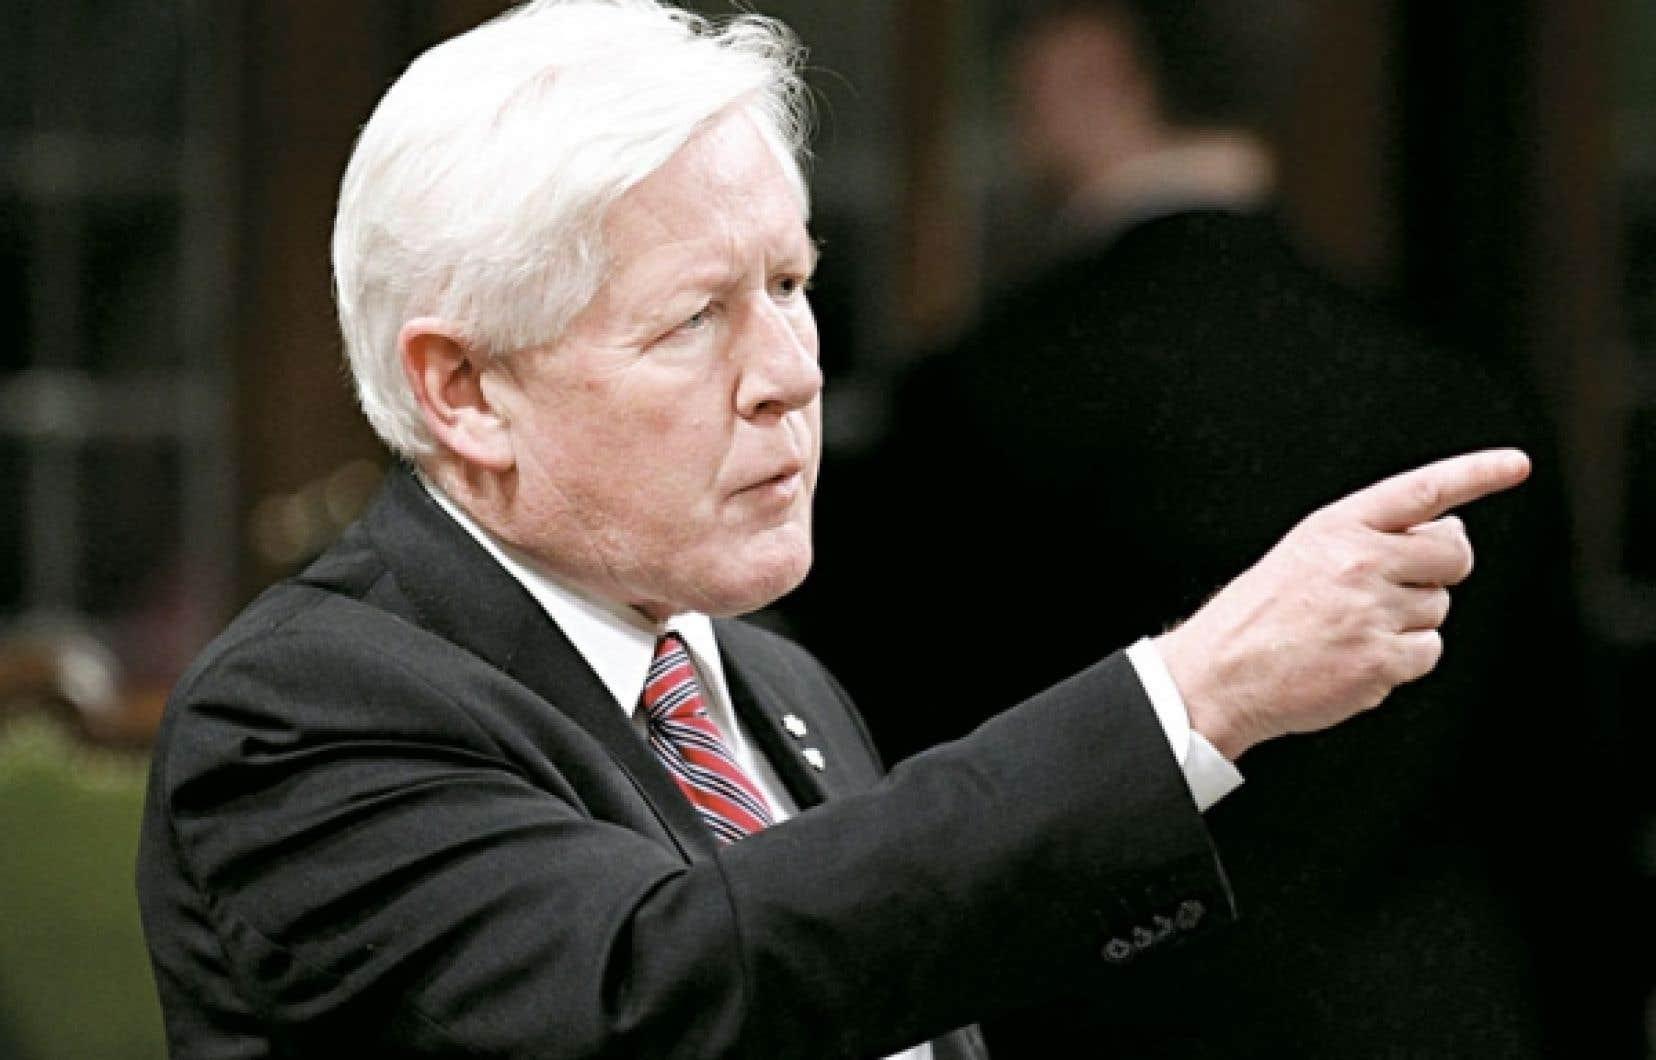 <div> Le chef libéral Bob Rae se réjouit de la décision d'un juge de la Cour supérieure de l'Ontario qui invalide l'élection de mai 2011 dans la circonscription d'Etobicoke-Centre.</div>